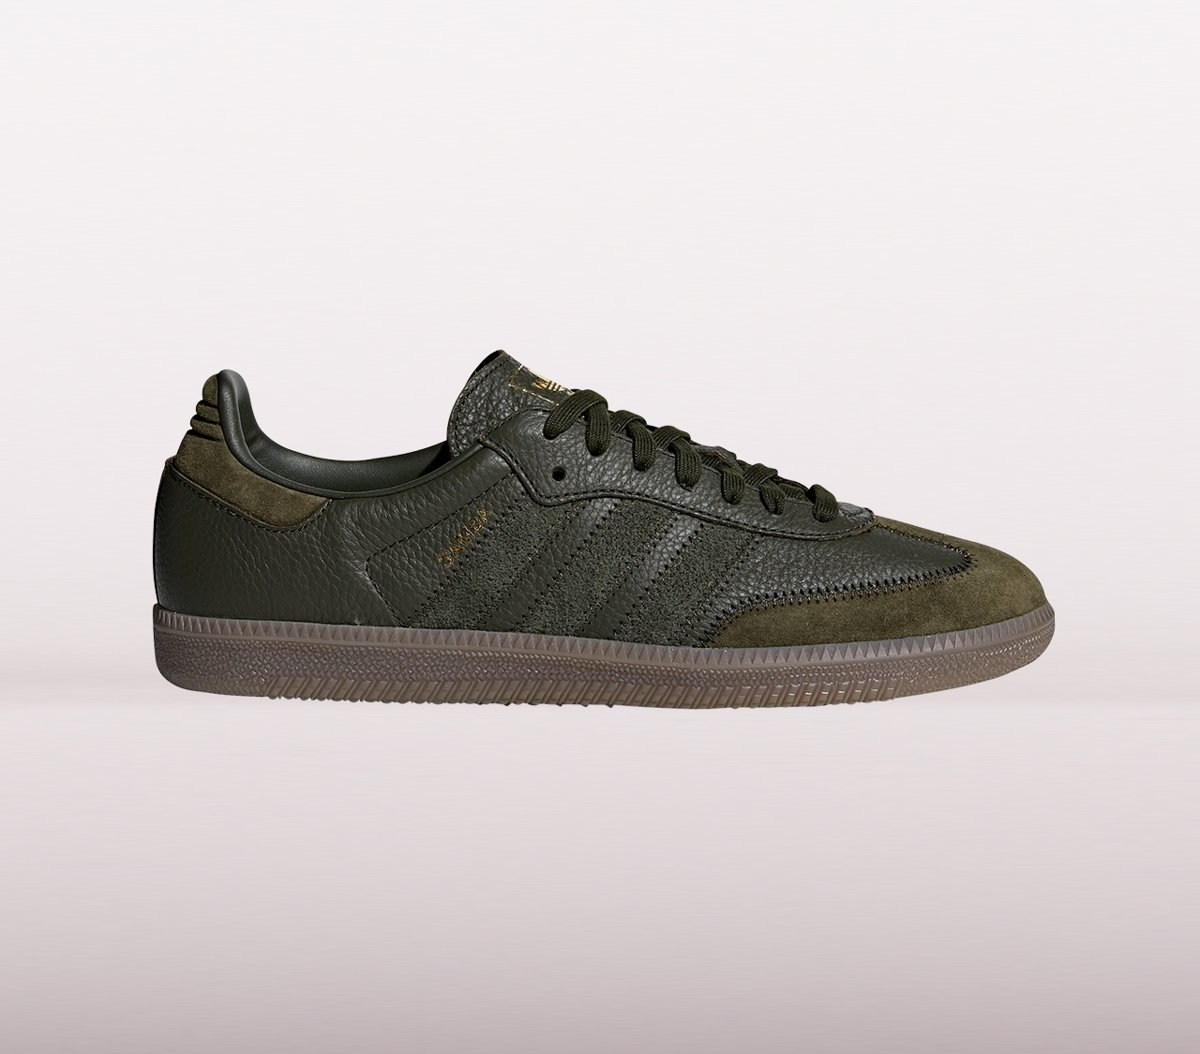 | Adidas Samba Og Ft Sneakers Heren Donkergroen